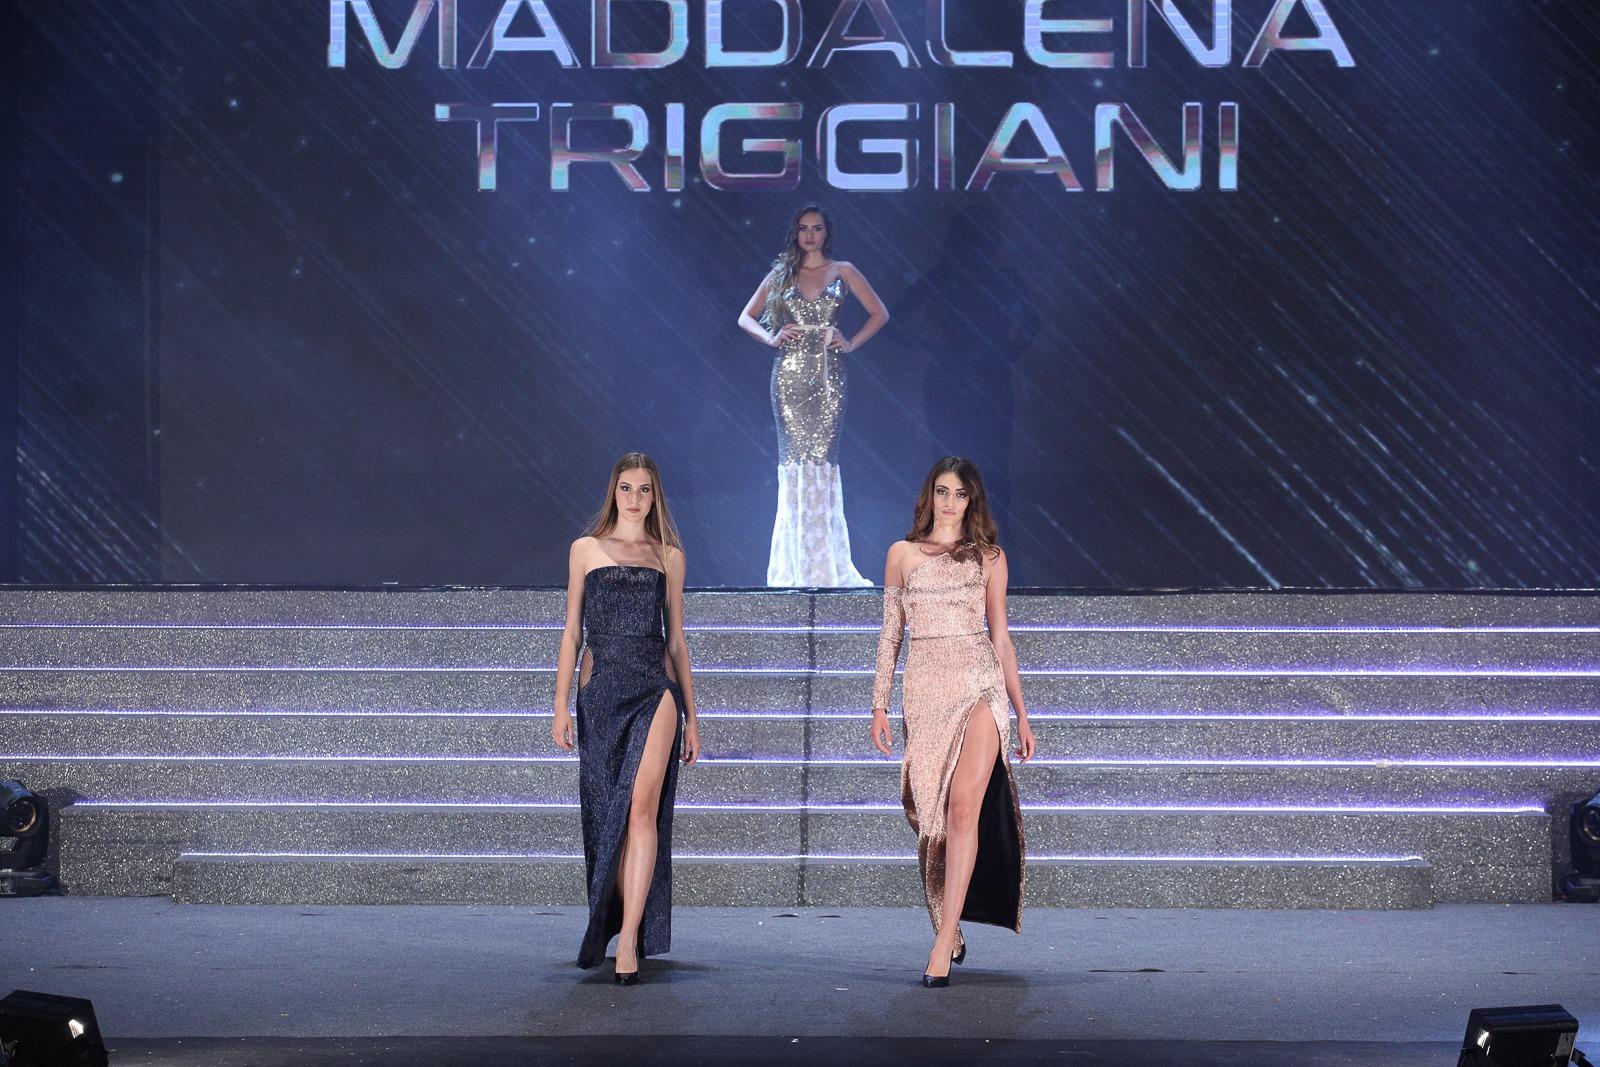 Sfilata per Maddalena Triggiani nella serata finale di Miss Mondo Italia